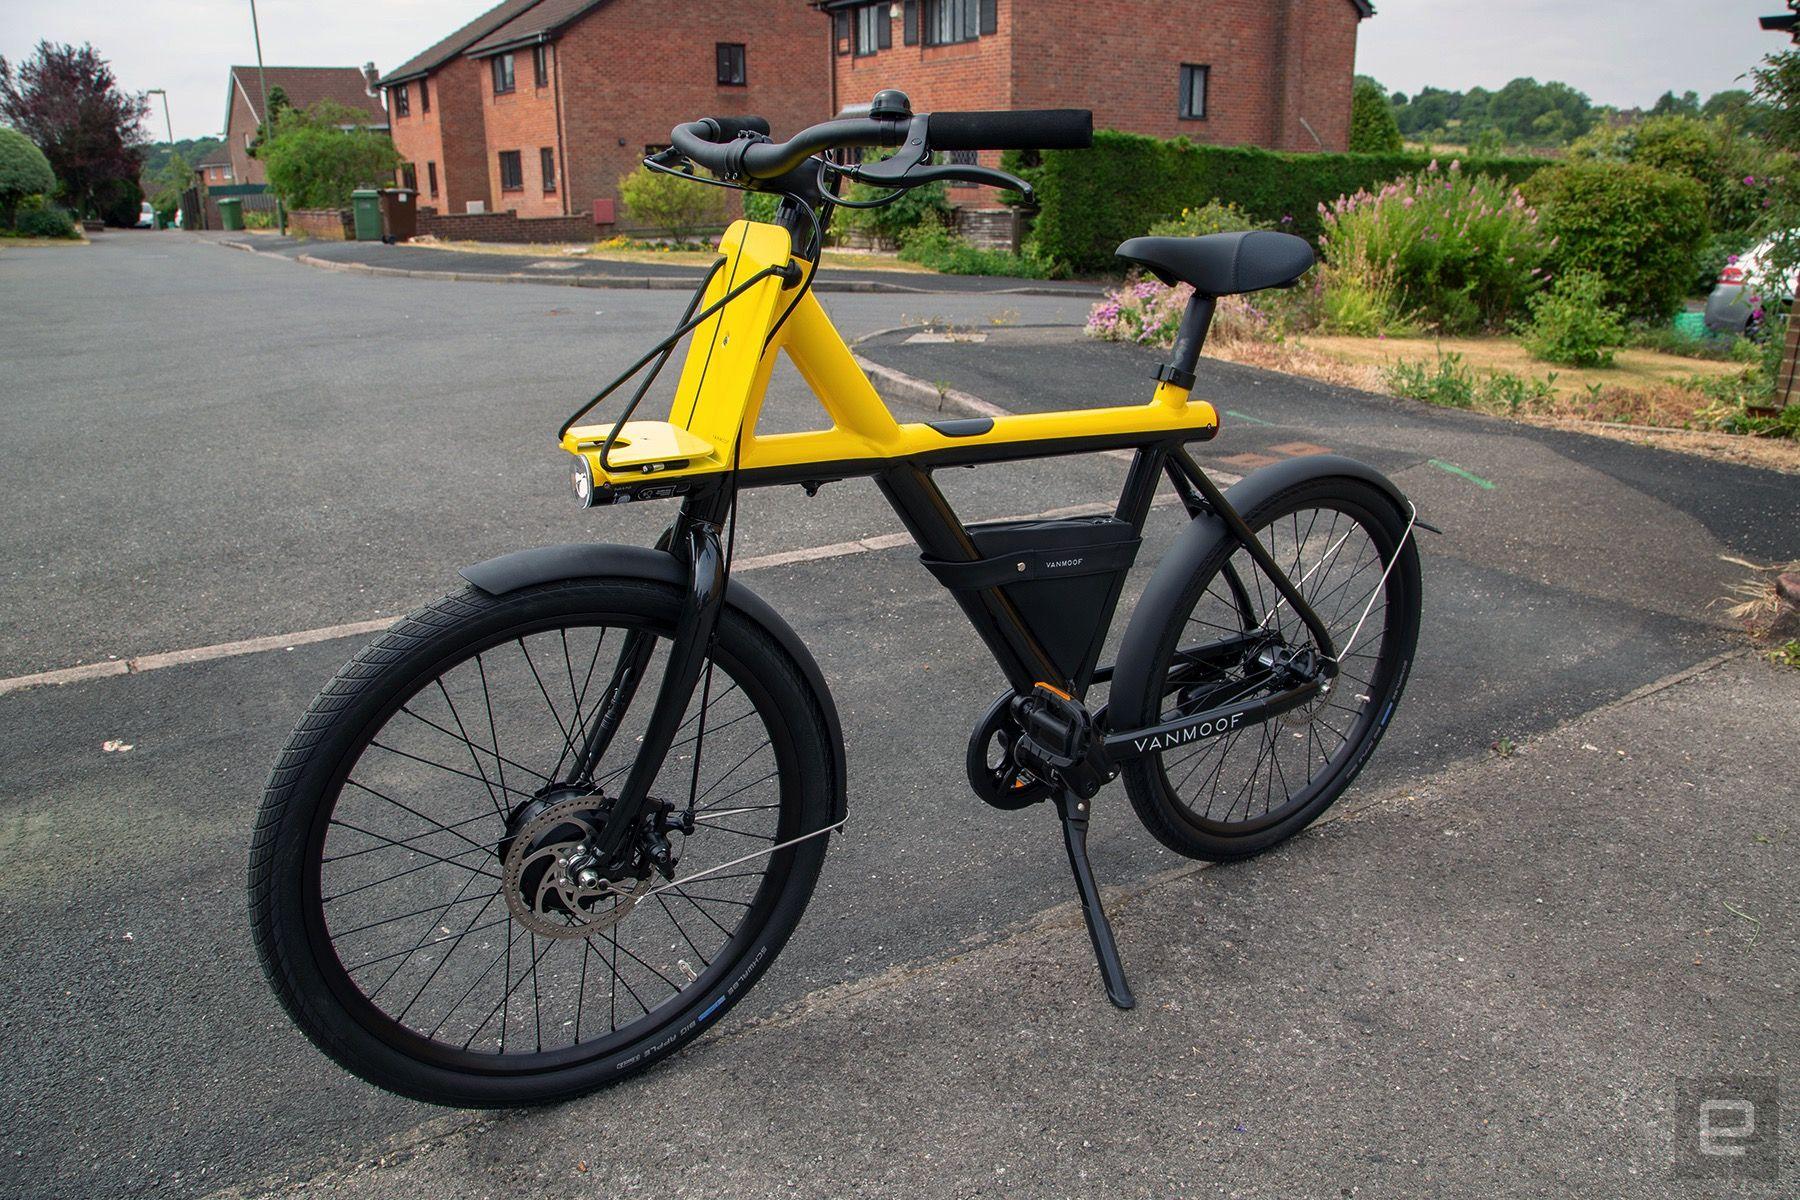 Vanmoof S Electrified X Cured My Fear Of Bike Thieves Bike Bike